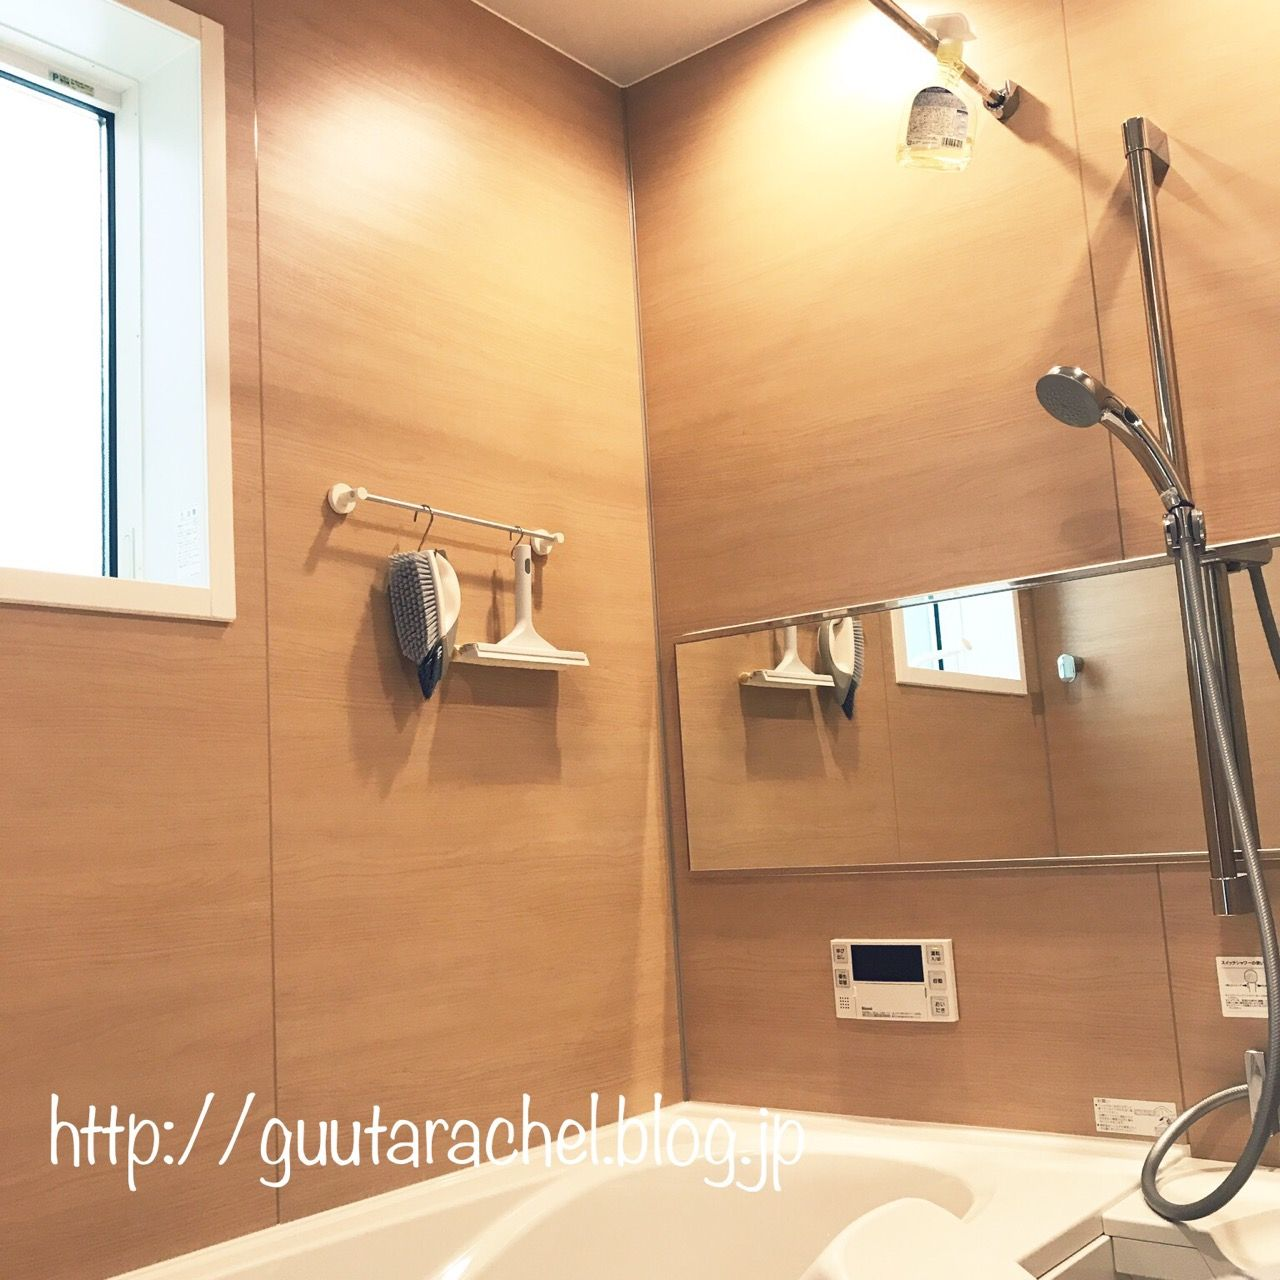 今はシャワーだけなので、子どものオモチャやお風呂の蓋は別の場所で保管しています。